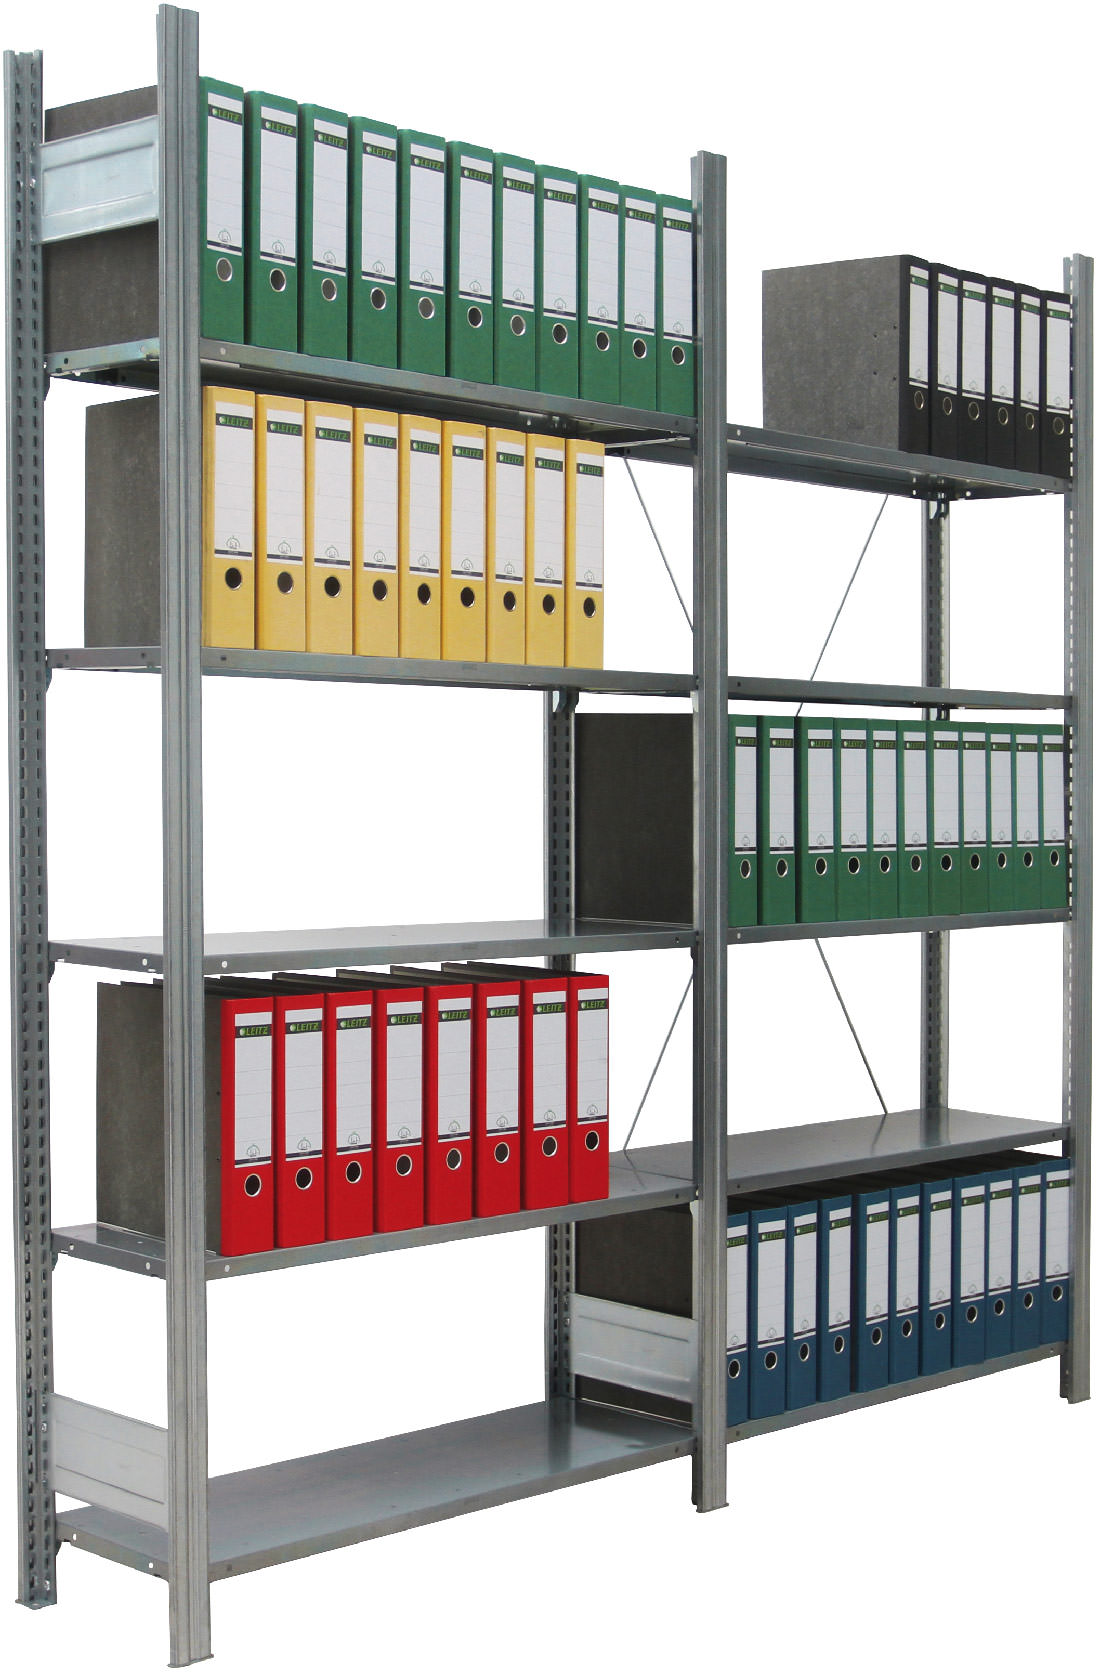 Regalwerk BERT Büroregal 80 Fachlast 80 kg - 5 bis 7 Fachböden (RW-C-B3-34108-30) Bild-01